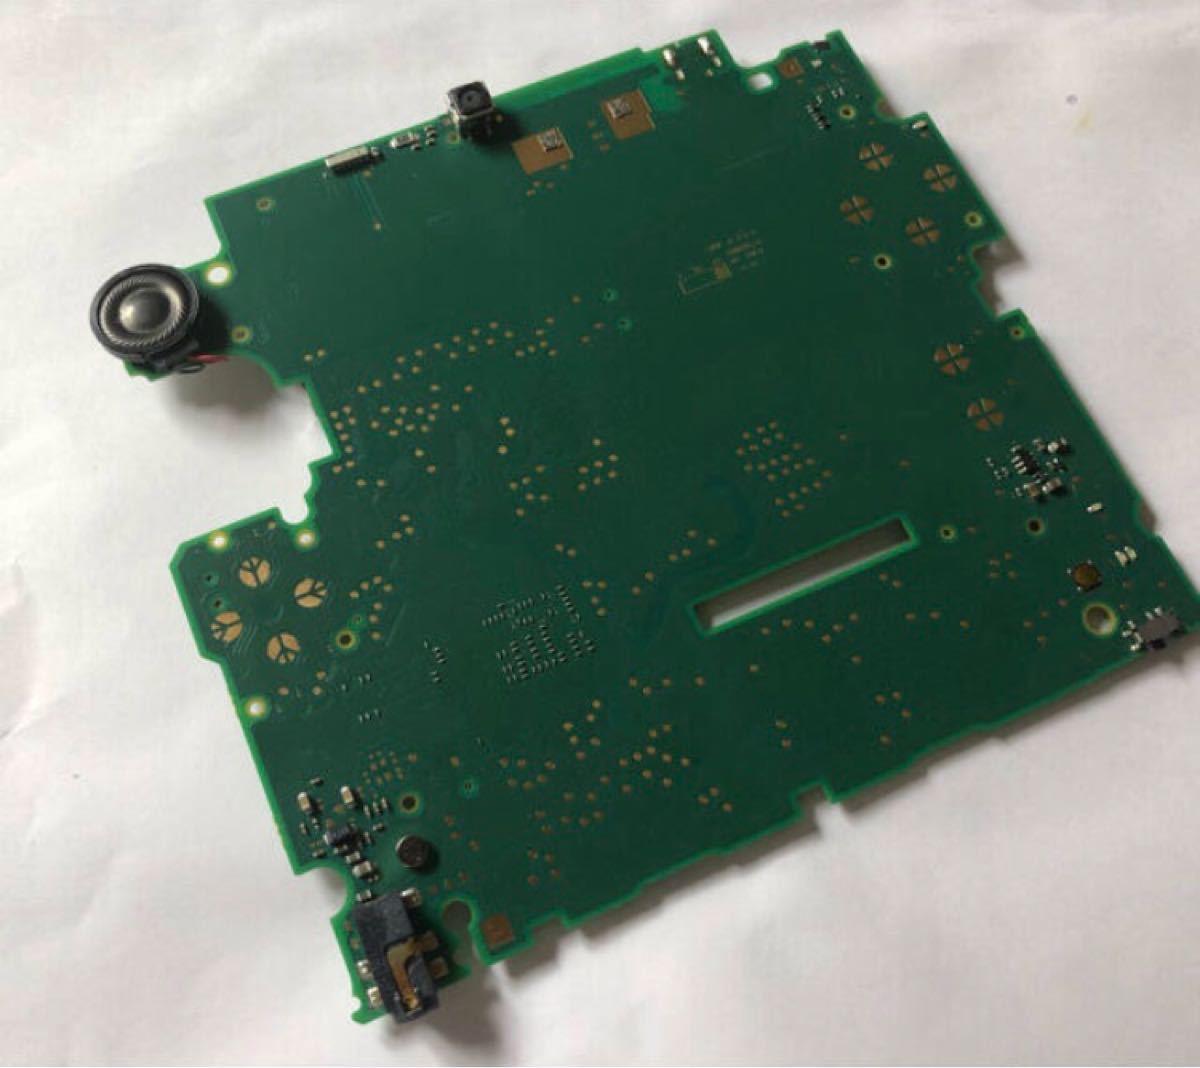 ニンテンドー2DS 基盤 動作確認済み 修理用